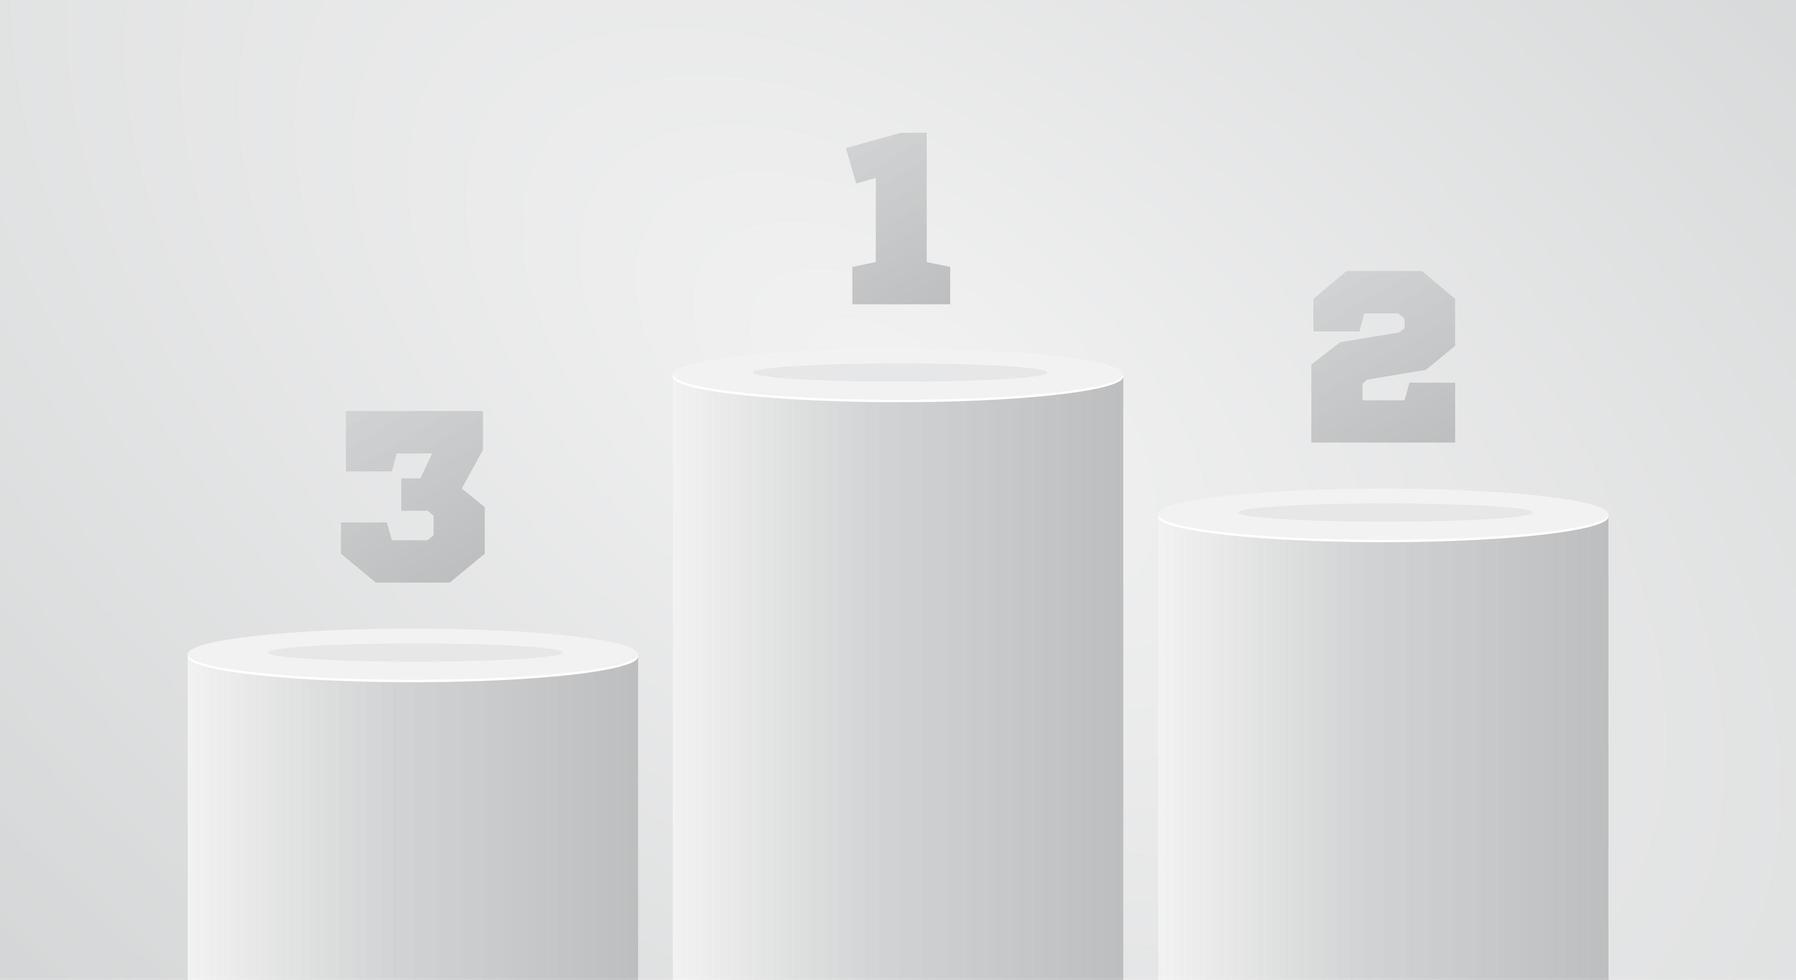 pedestal de vencedor branco. cena de suporte de pilar redondo. vetor ganhar pódio ou plataforma. estande de primeiro lugar.